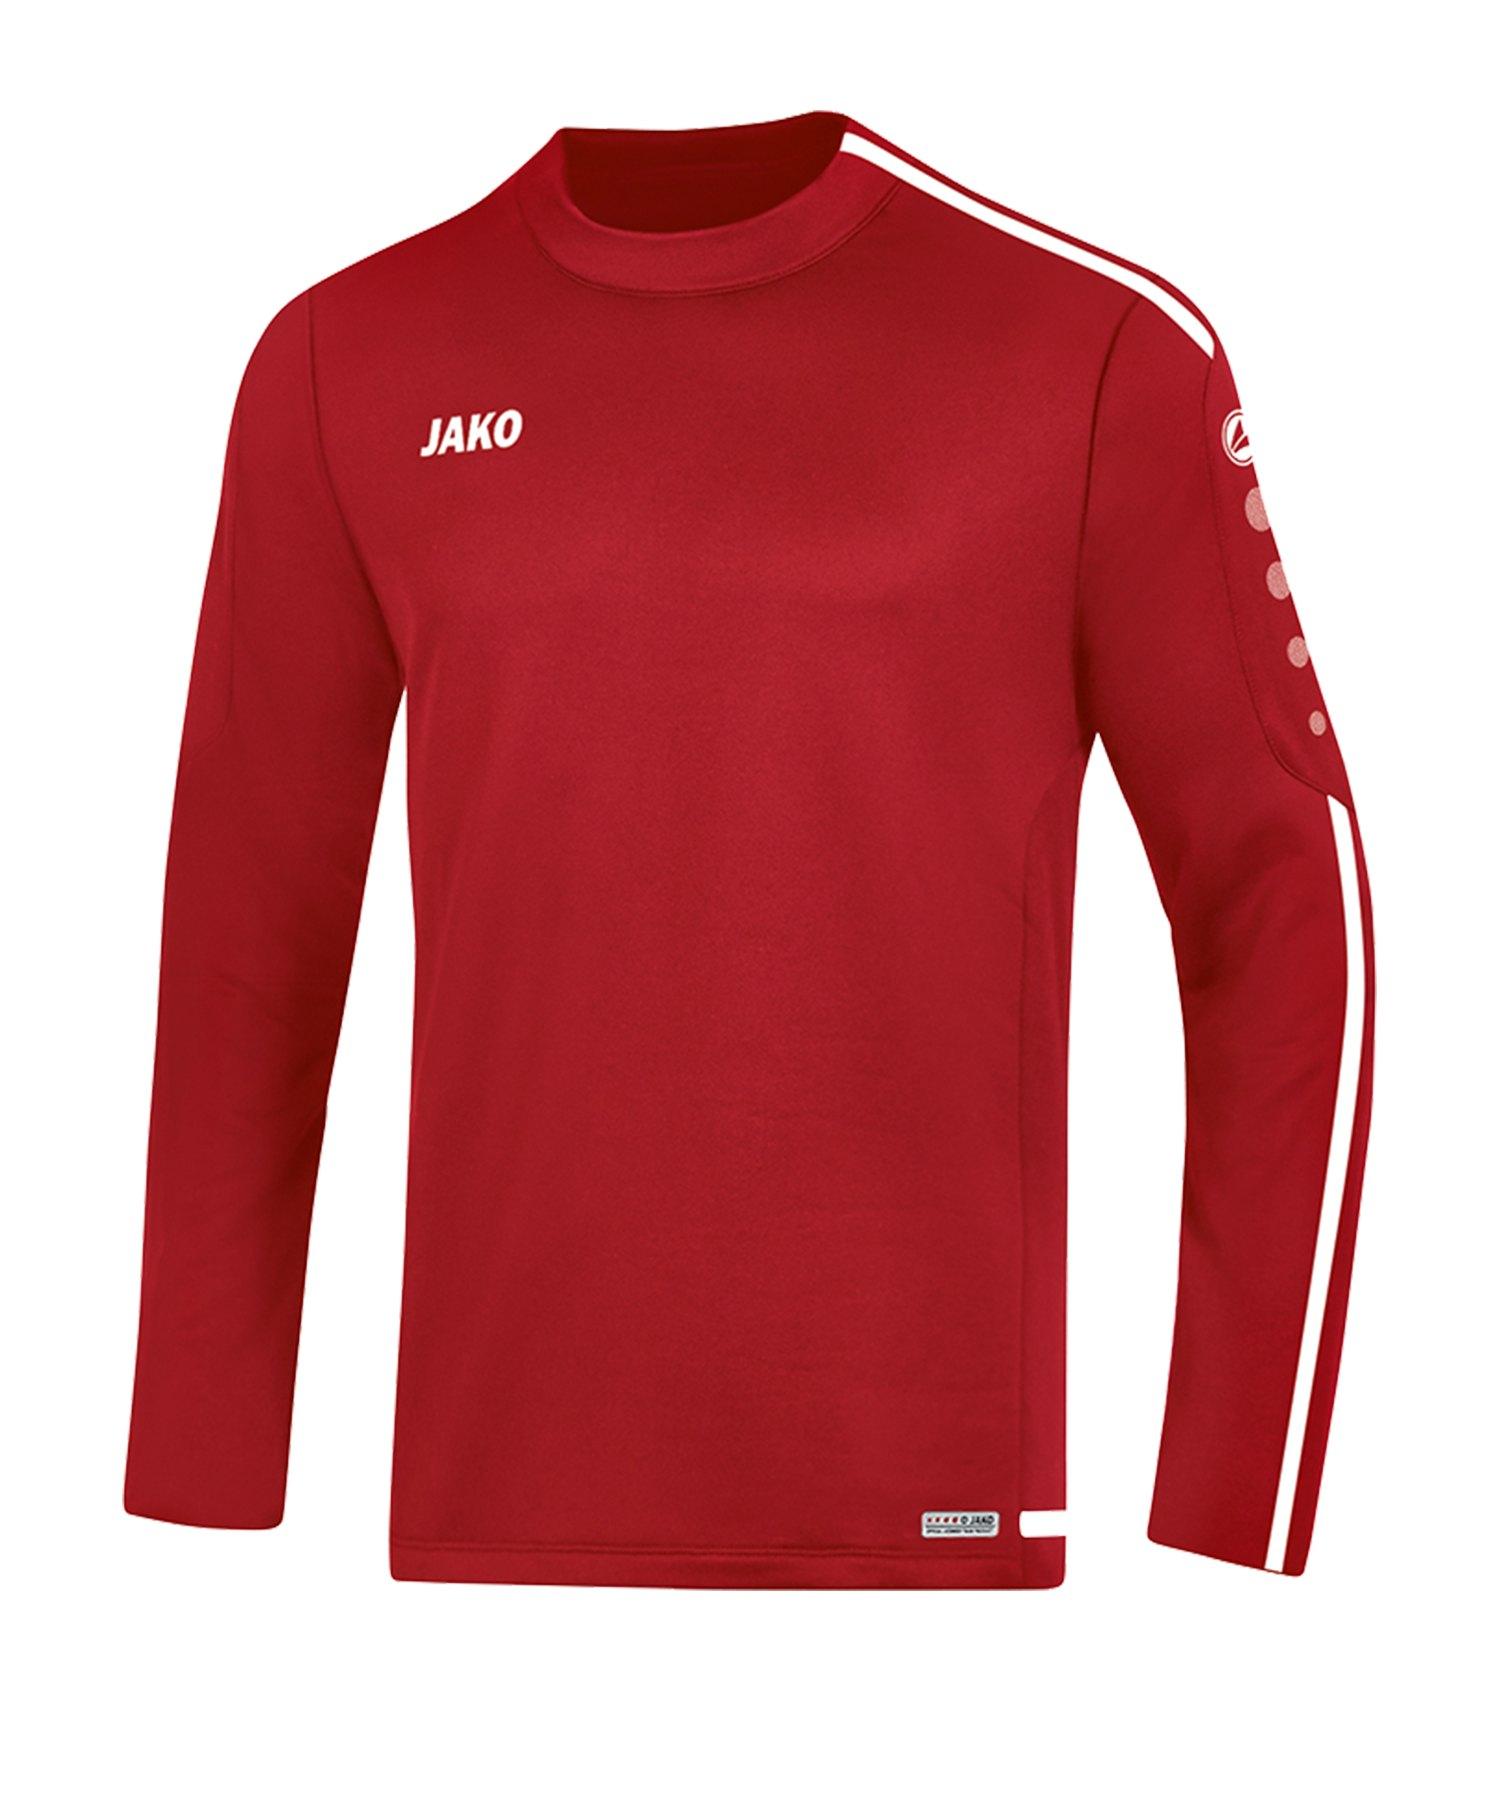 Jako Striker 2.0 Sweatshirt Rot Weiss F11 - Rot